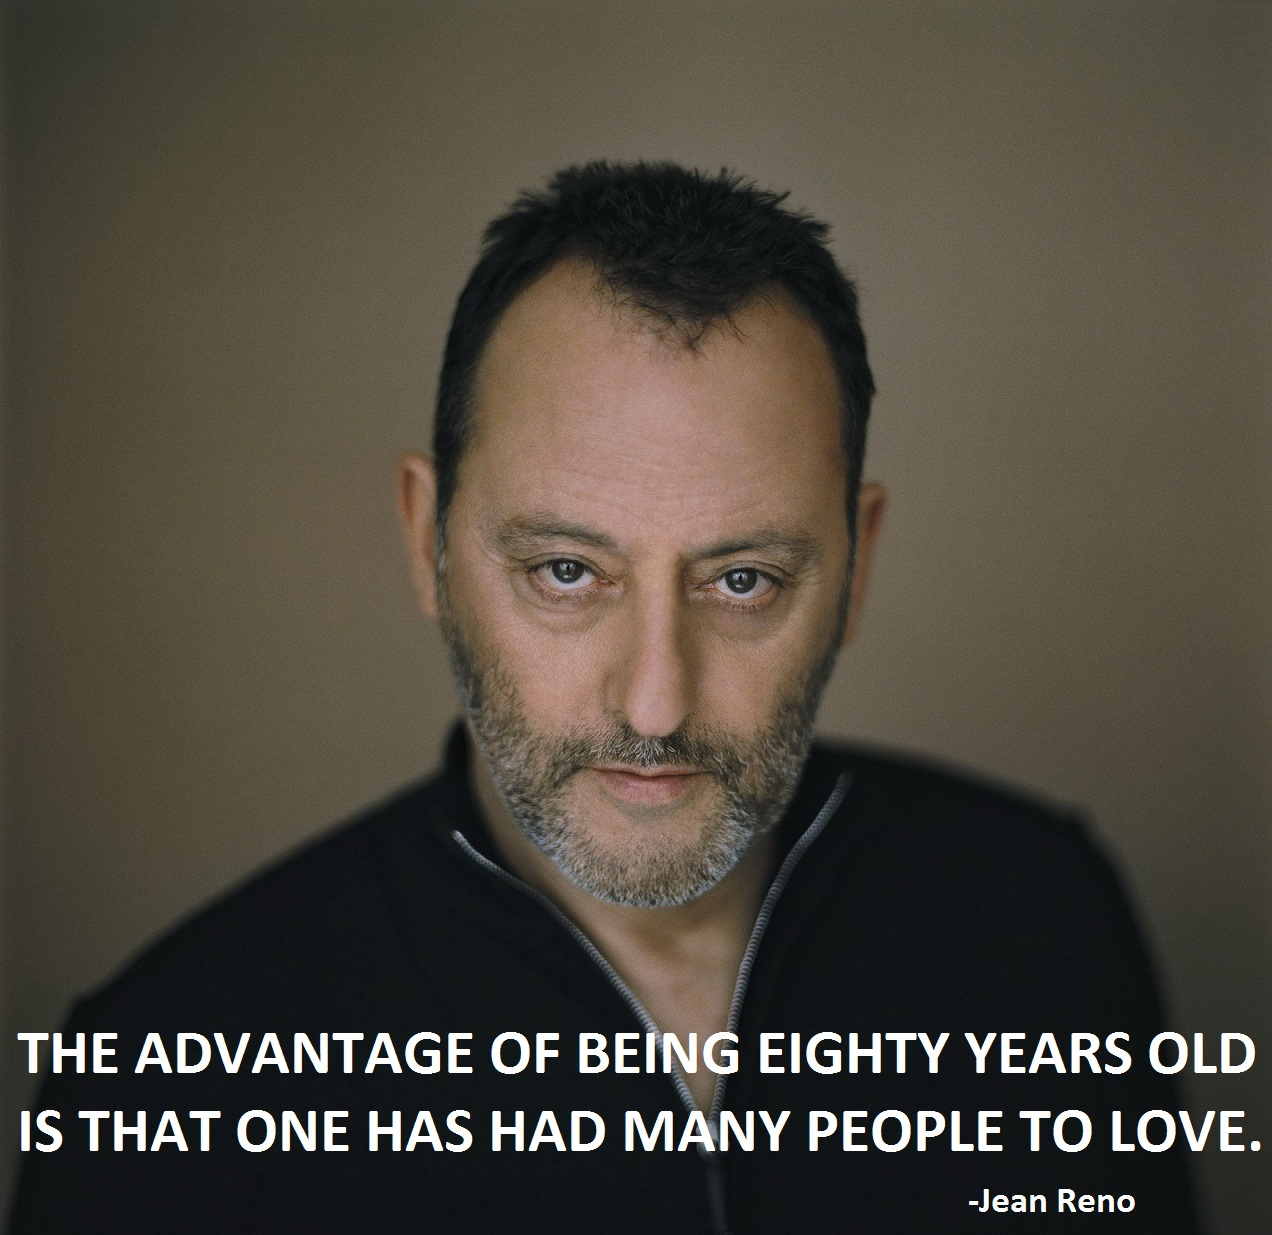 Jean Reno's quote #1